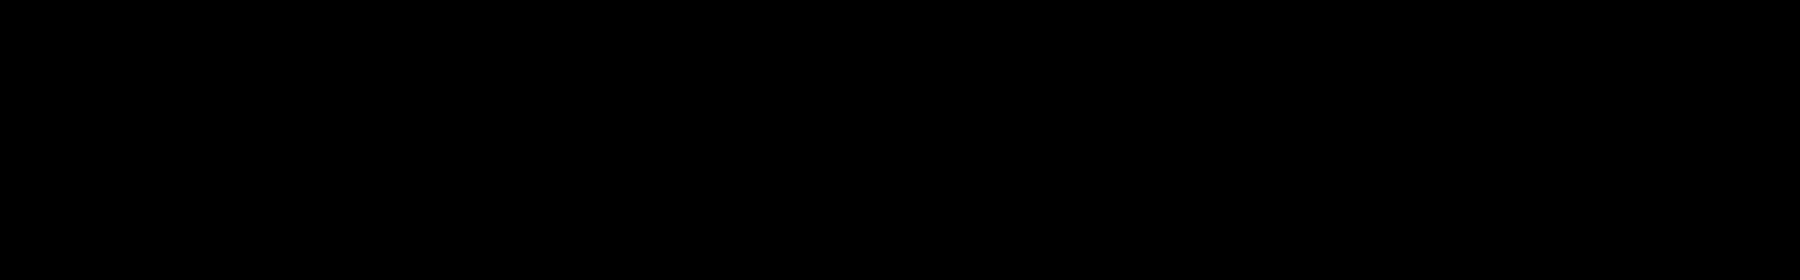 Vocal Megapack audio waveform